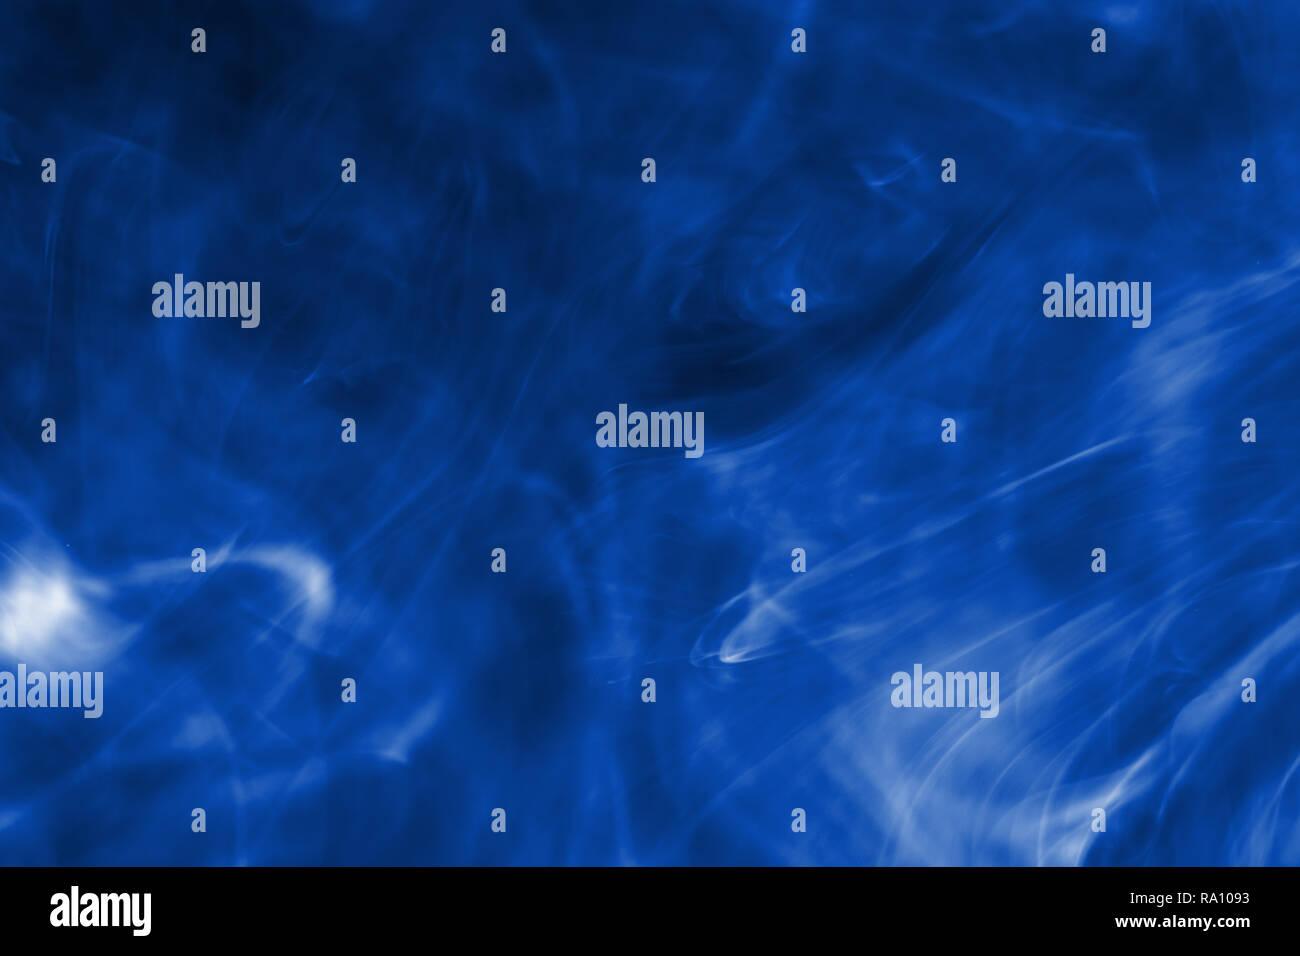 1d8740c607d D encre couleur bleu coulait dans l eau. Résumé de fond d encre de couleur  bleue.